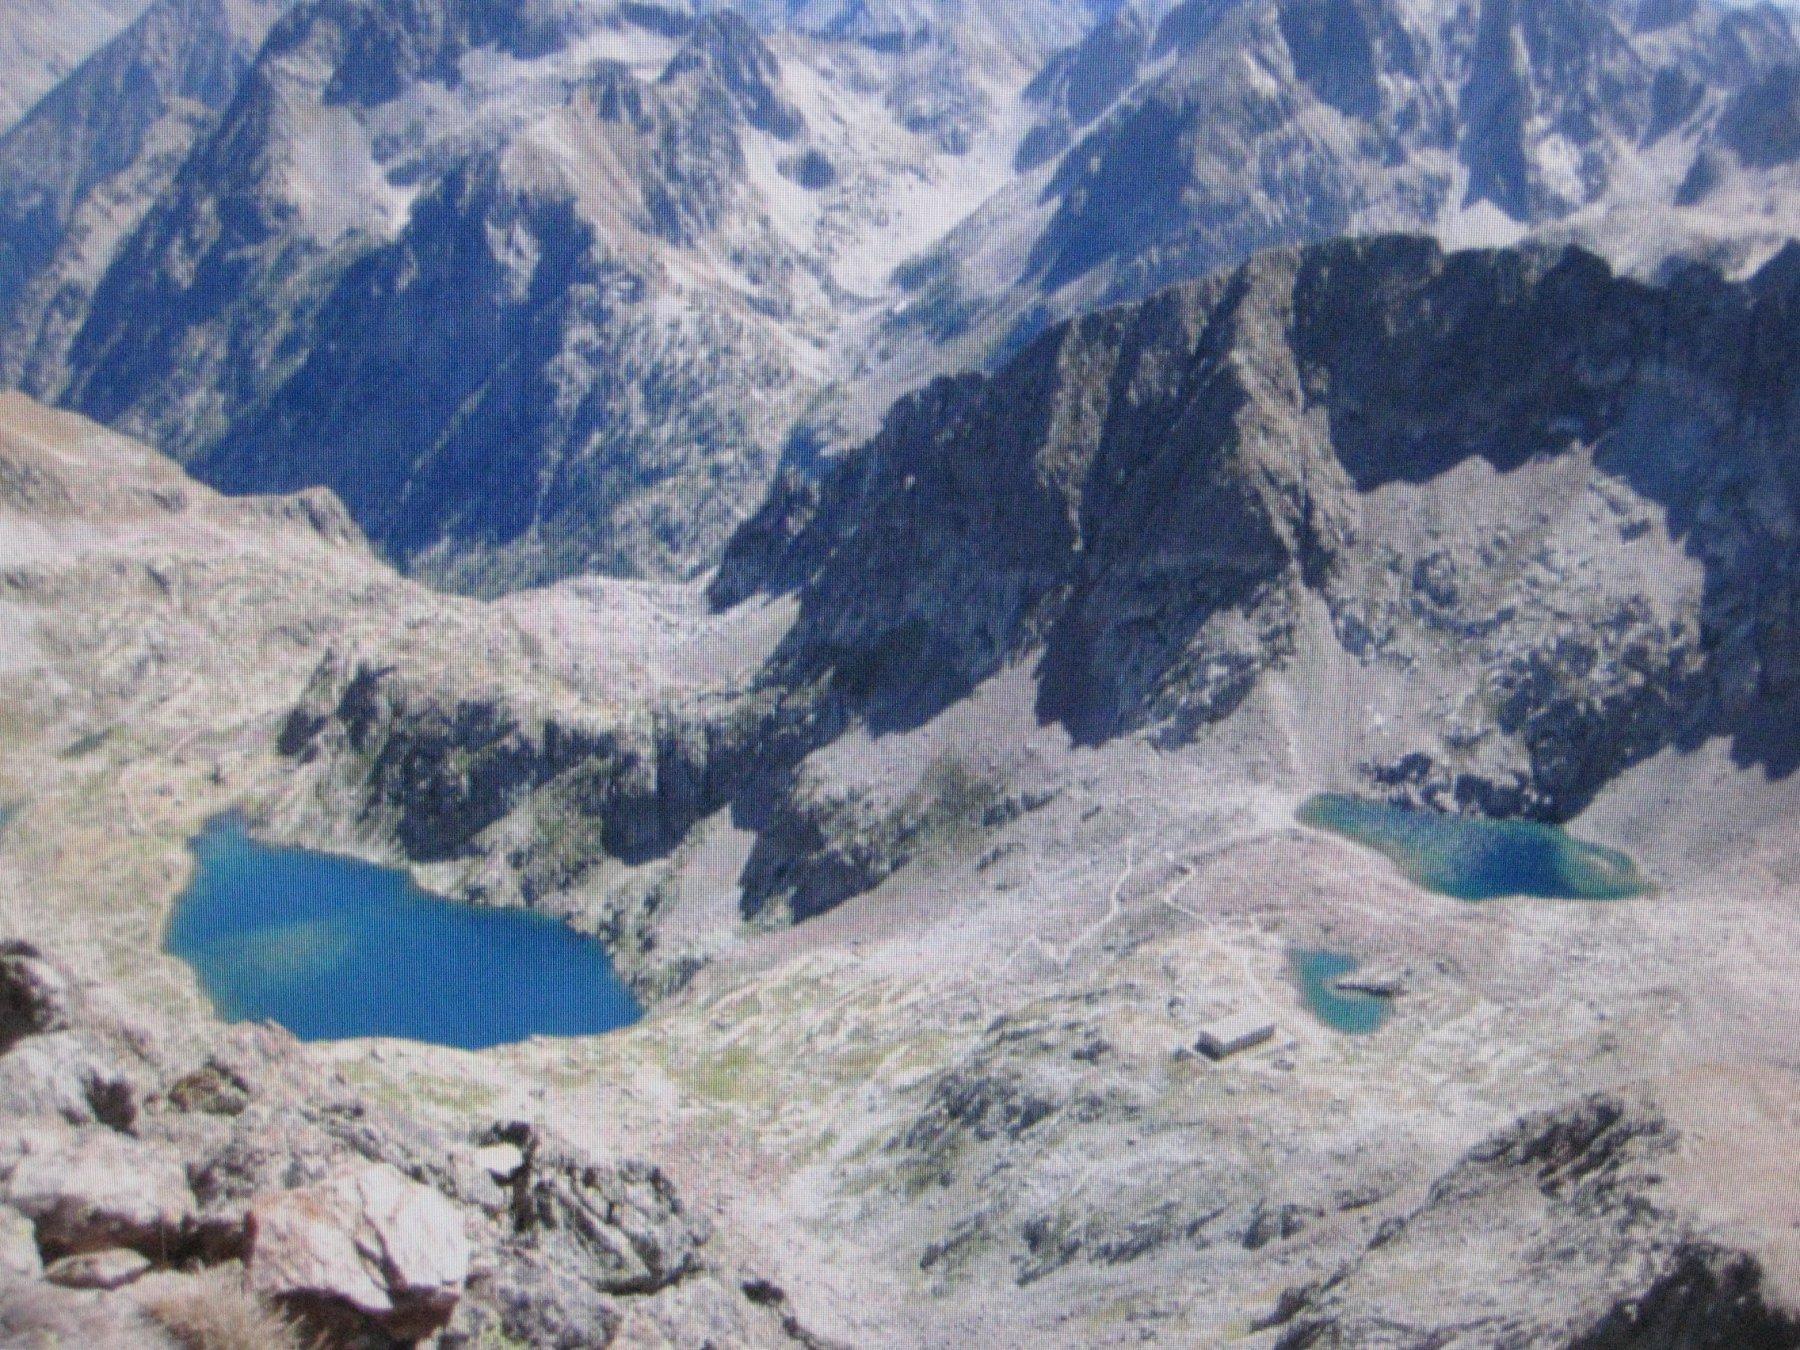 laghi inferiore e superiore di valscura dalla cima